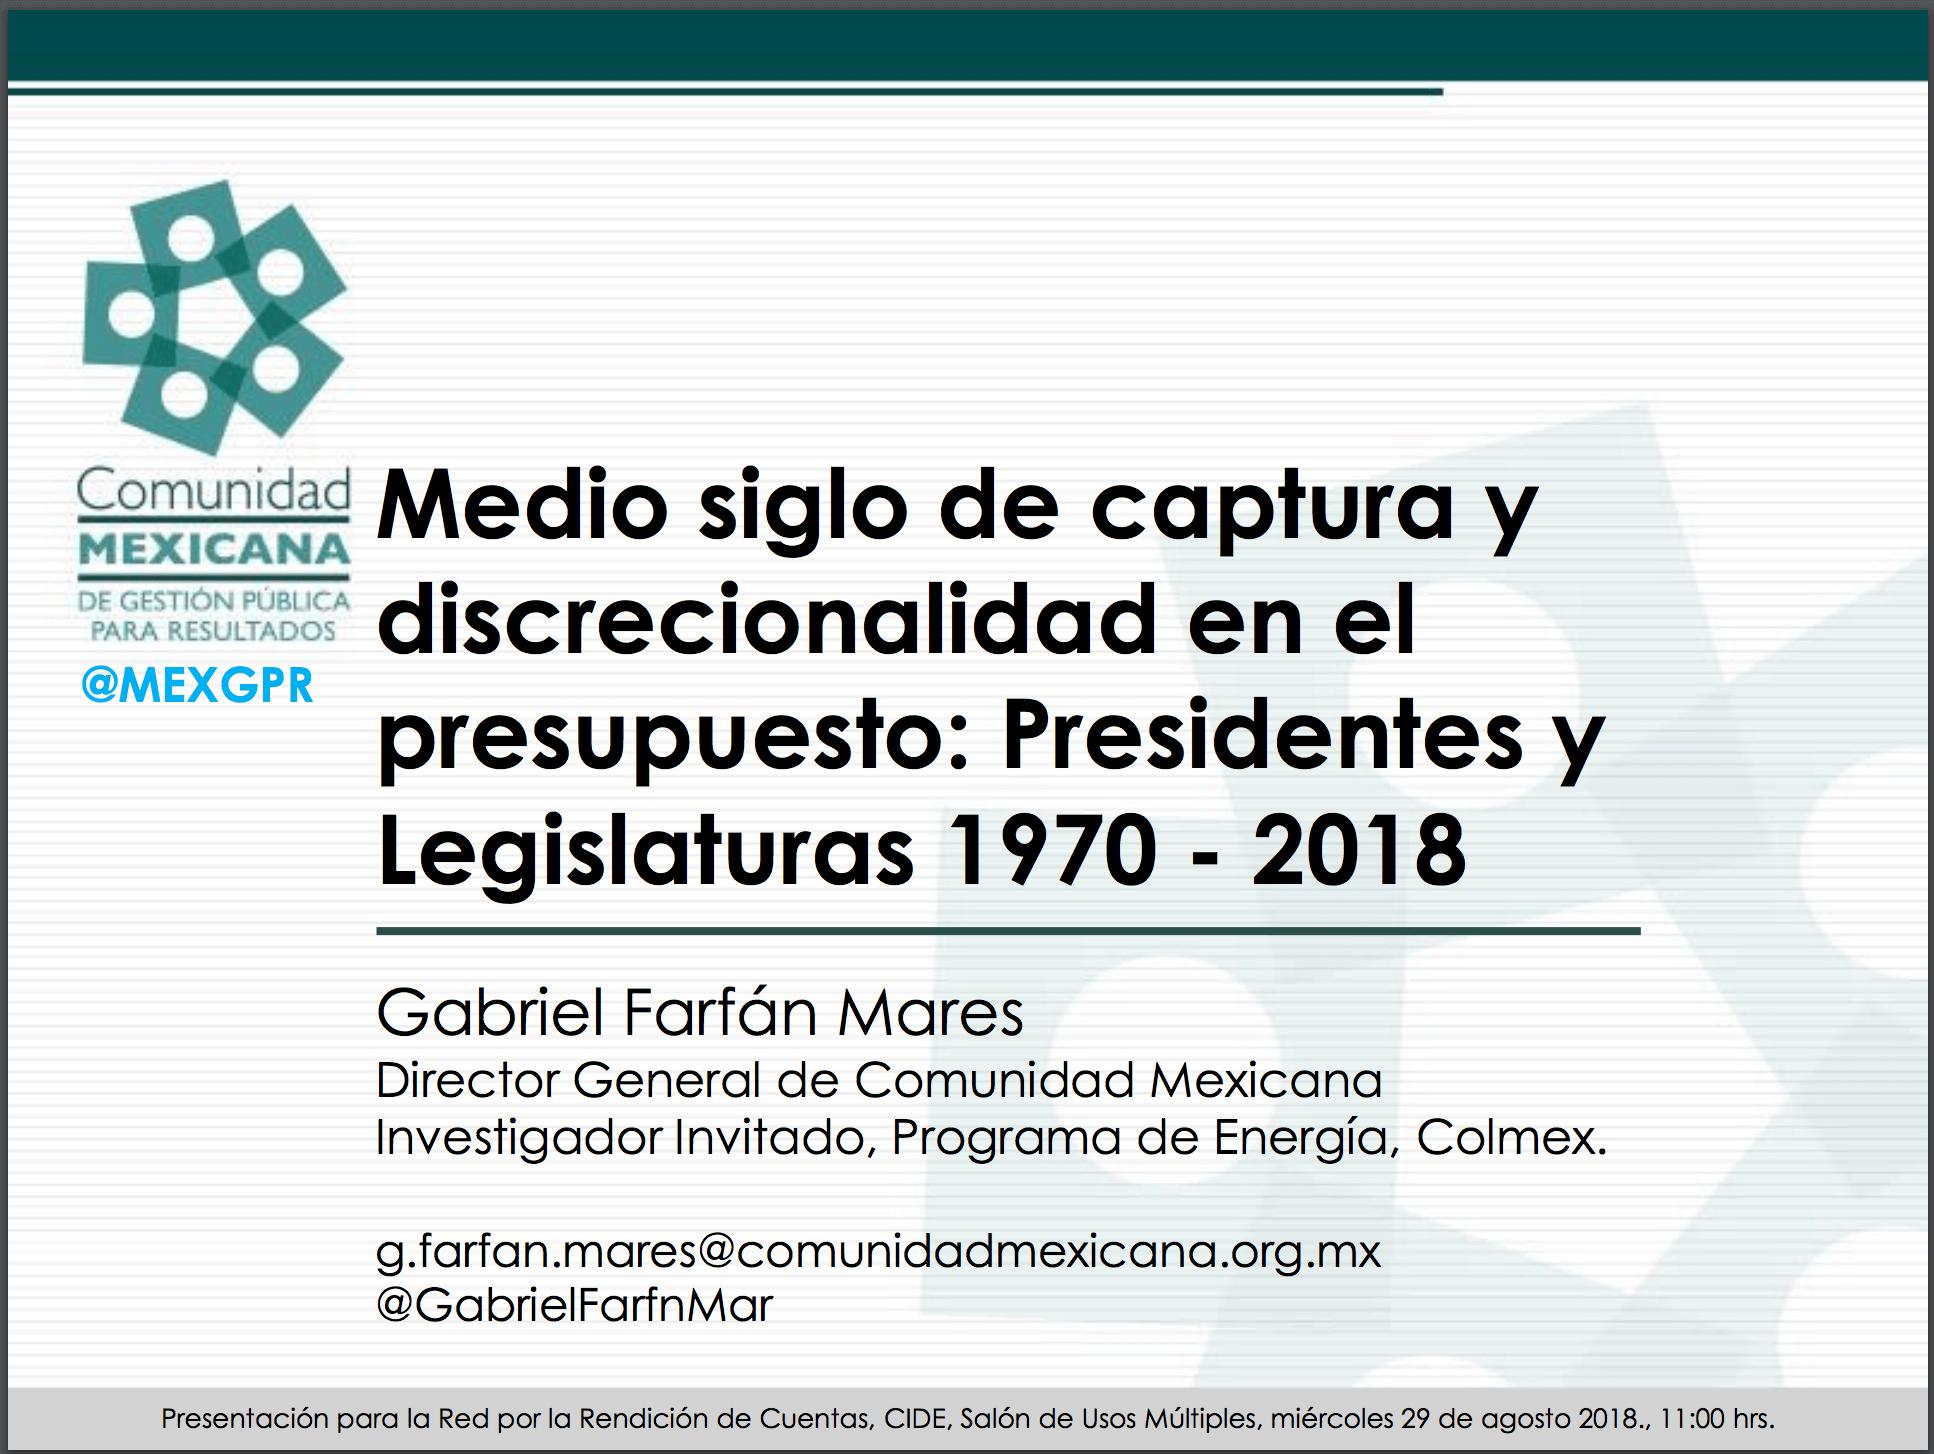 Imagen documento Medio siglo de captura y discrecionalidad en el presupuesto: Presidentes y Legislaturas 1970-2018